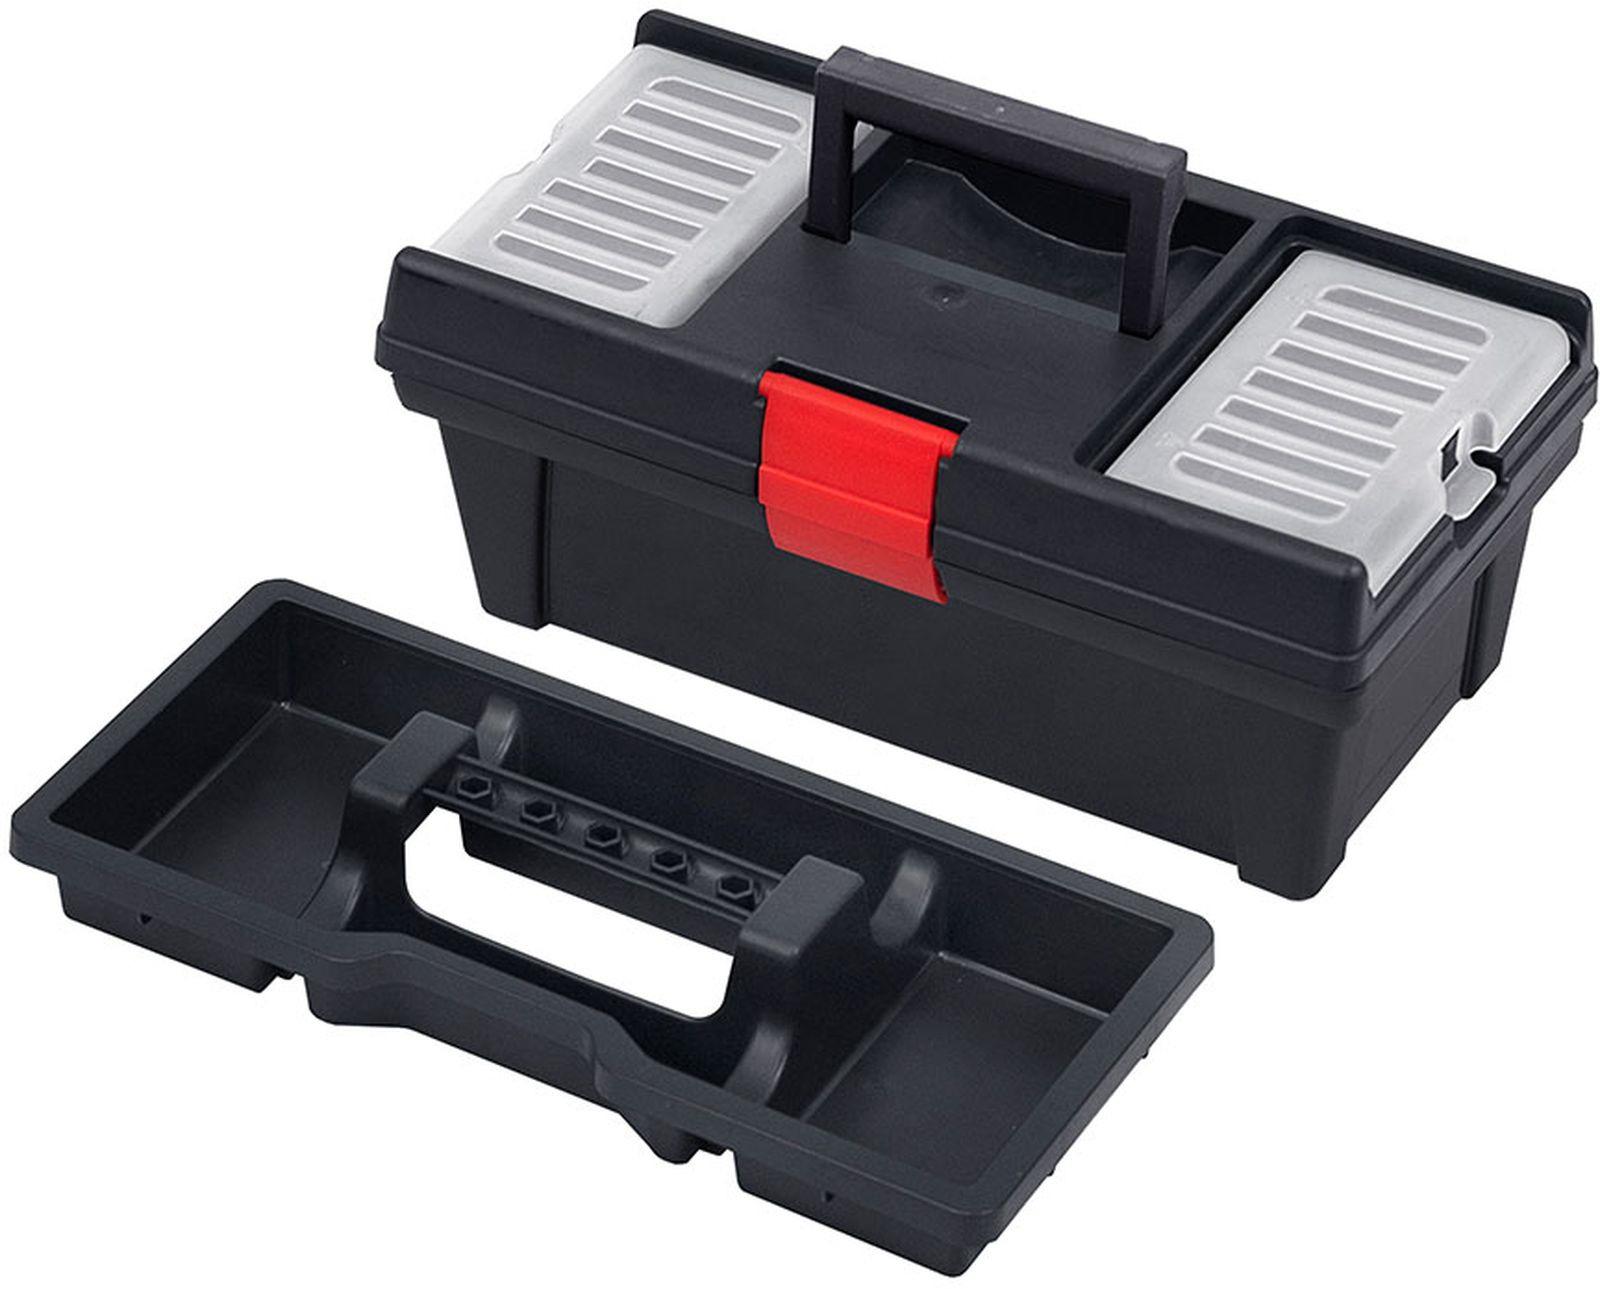 Ящик для инструментов Patrol Stuff, 146177, черный, 31 х 17 13 см